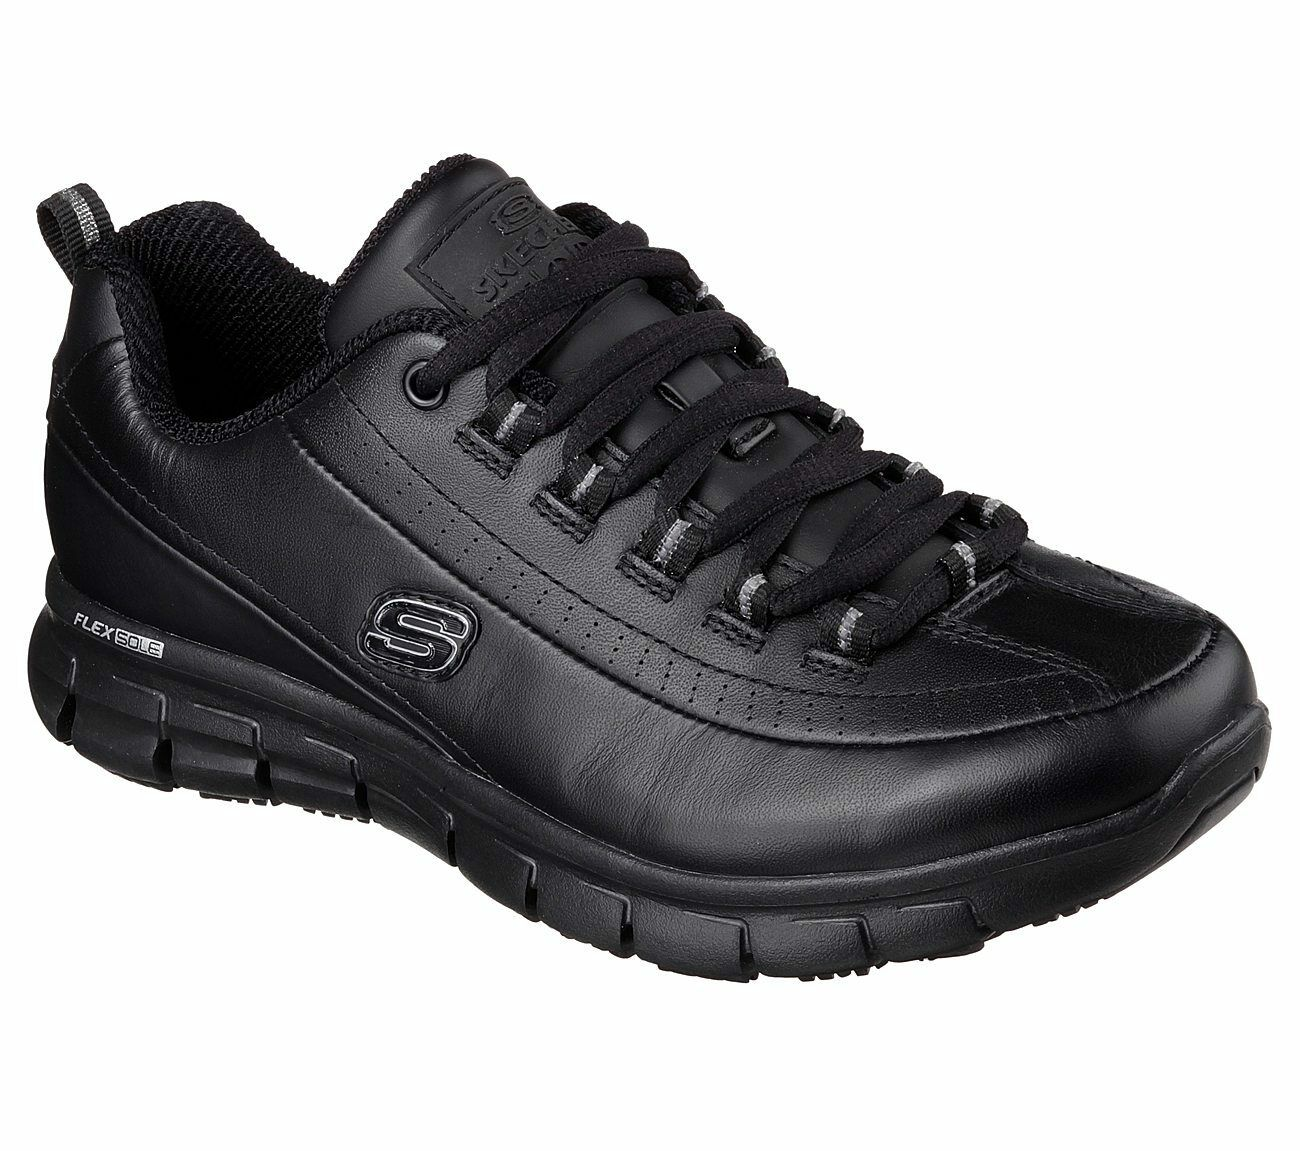 76550 Skechers Women's Work: Sure Track-Trickel Slip Resistant Memory Foam Black